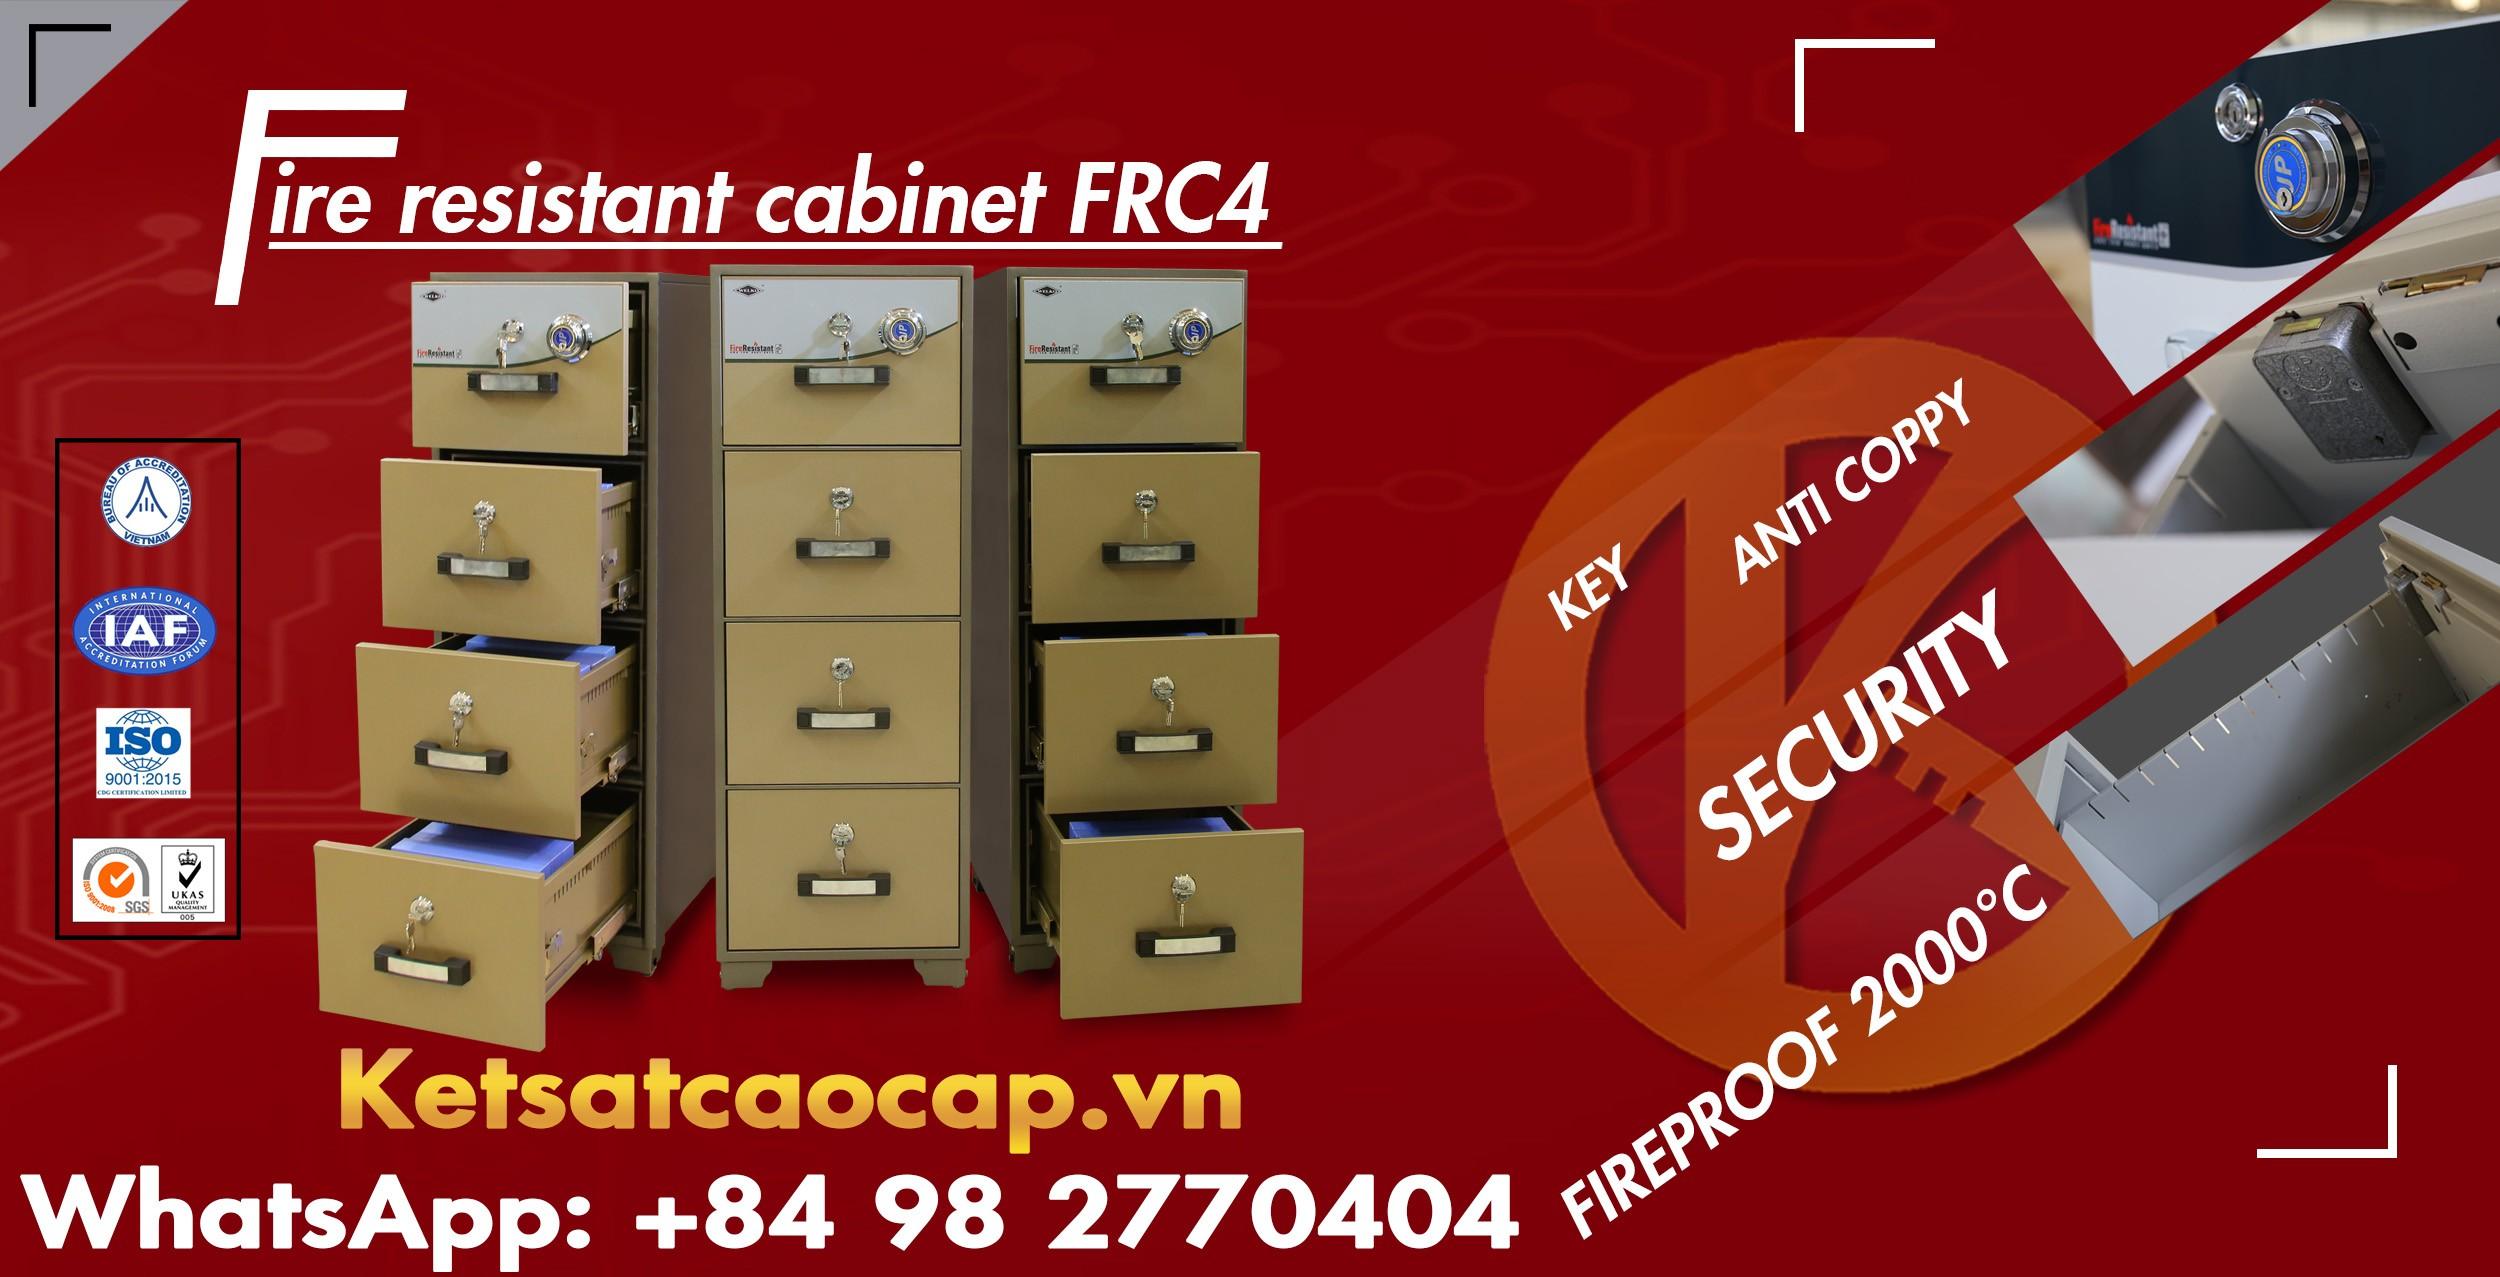 hình ảnh sản phẩm chọn mua tủ hồ sơ ngân hàng lắp ghép